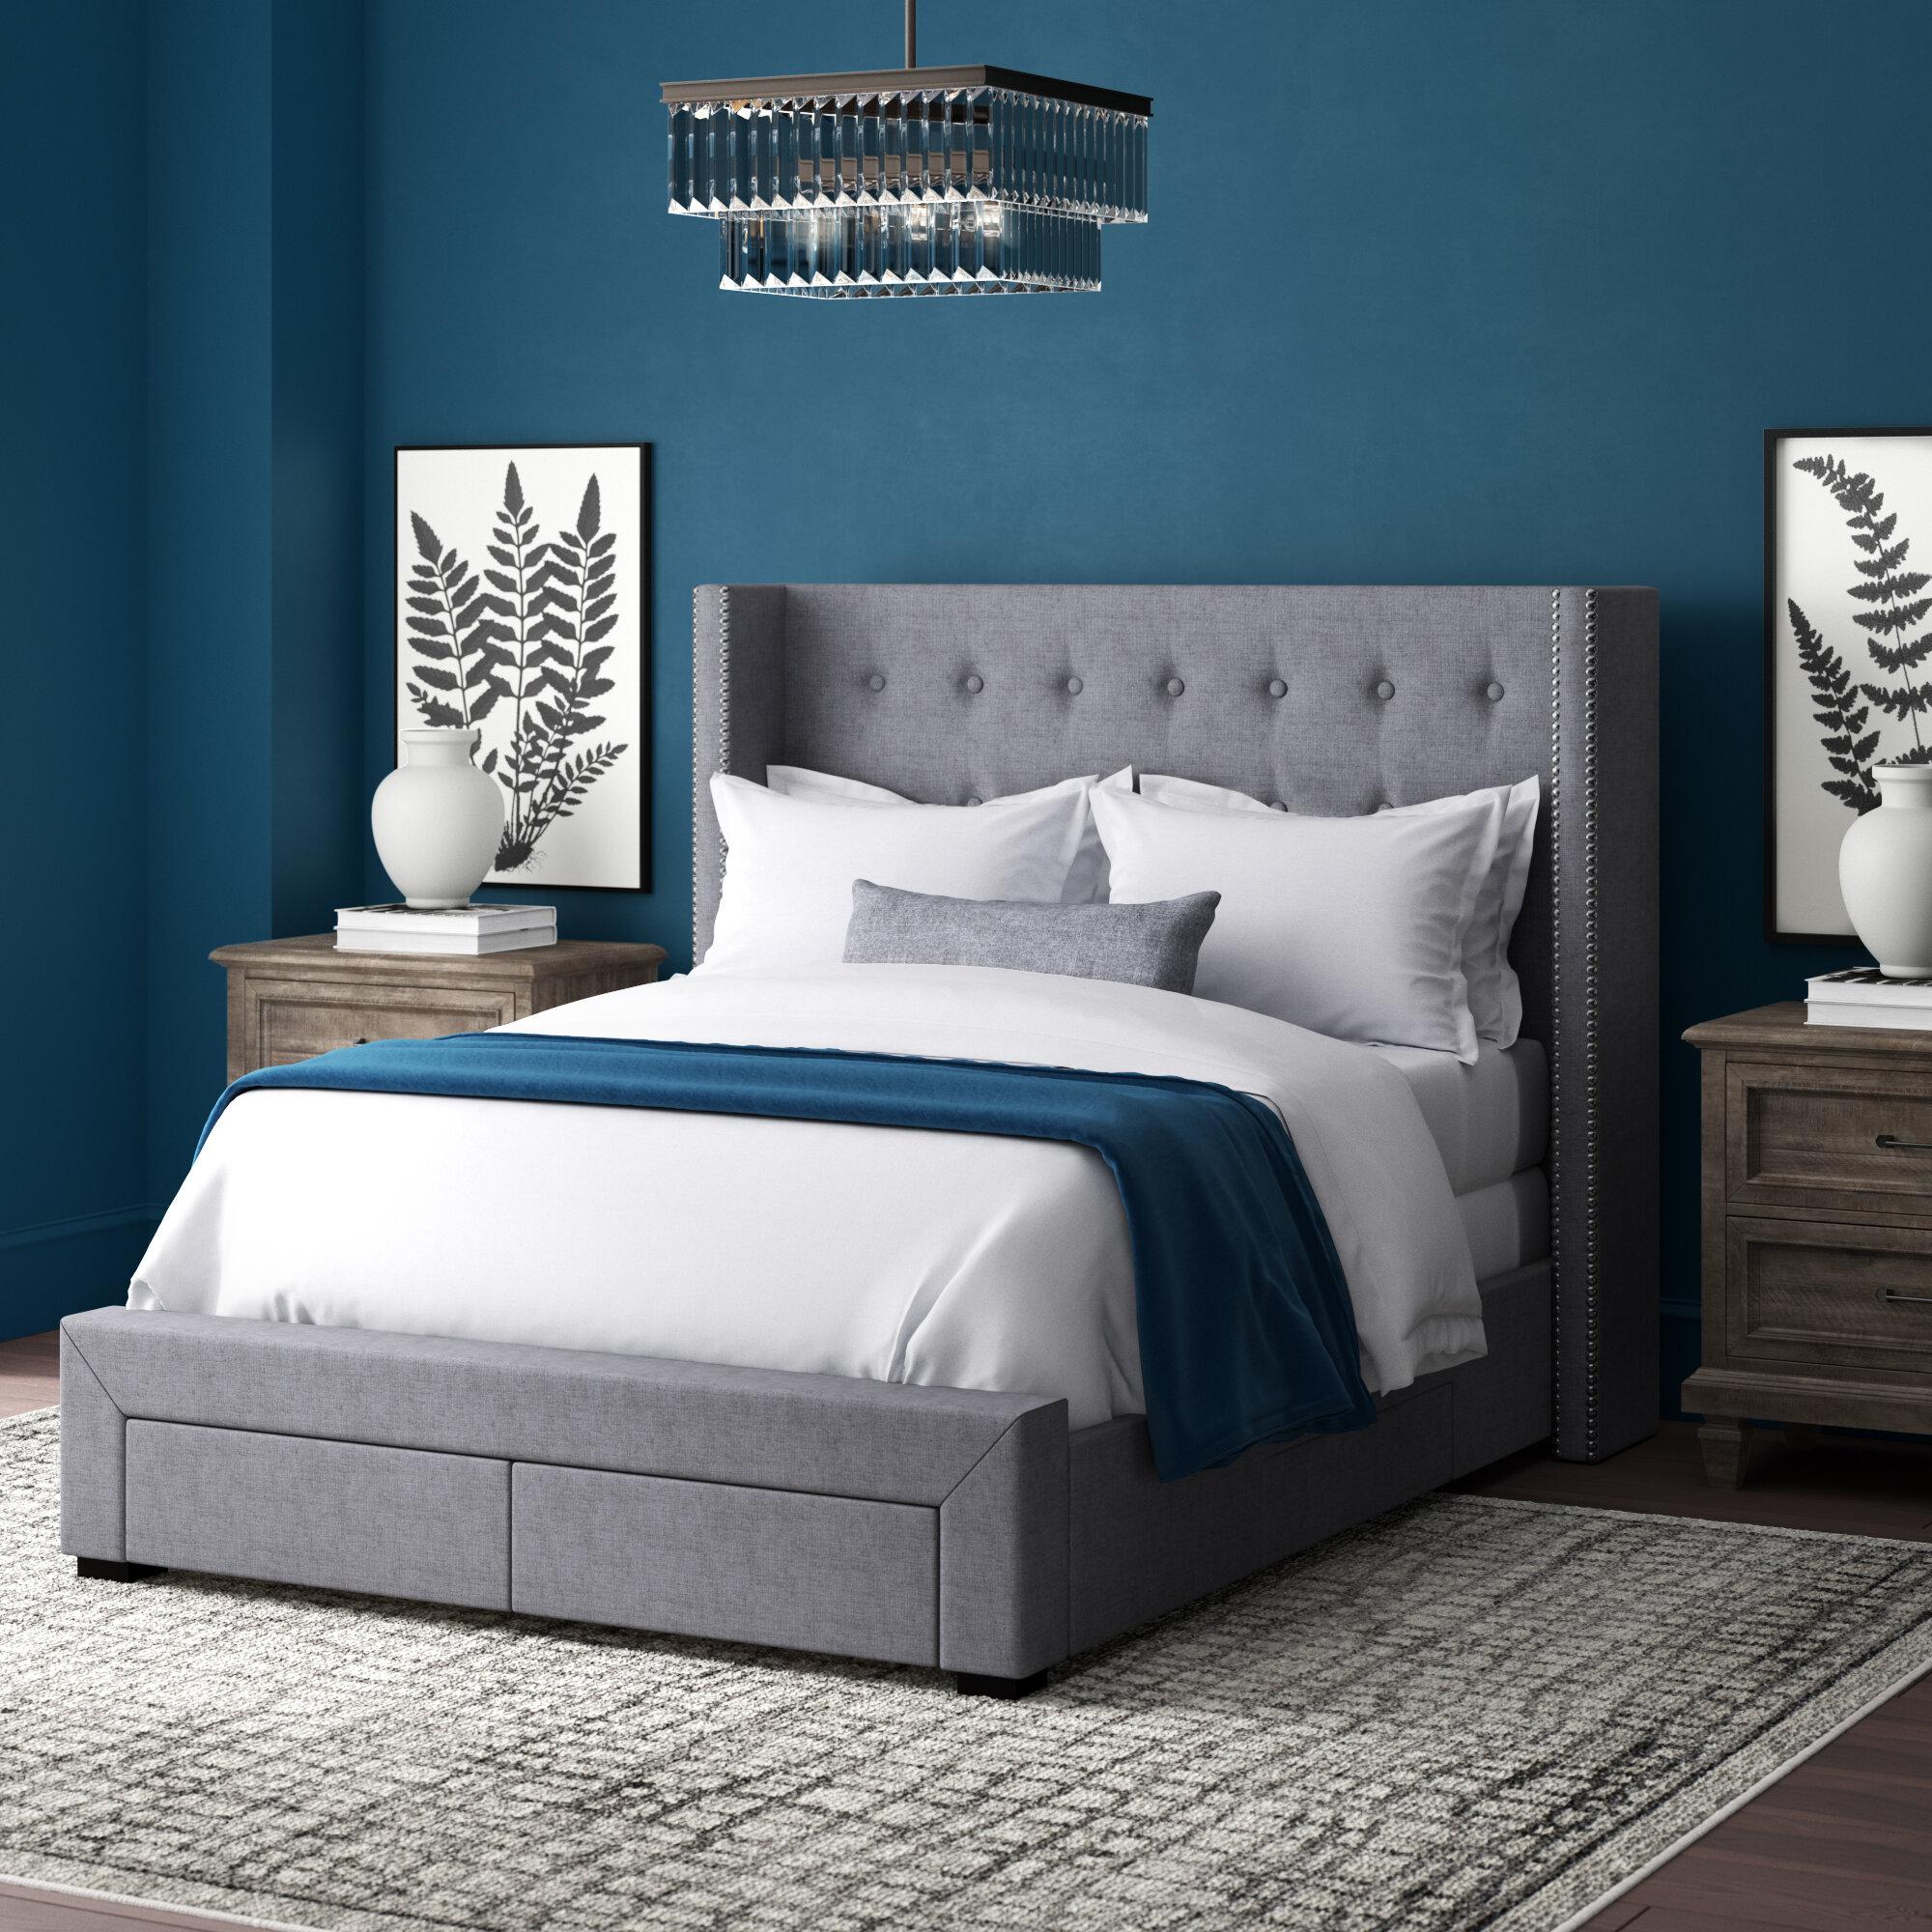 Kerens Upholstered Storage Standard Bed